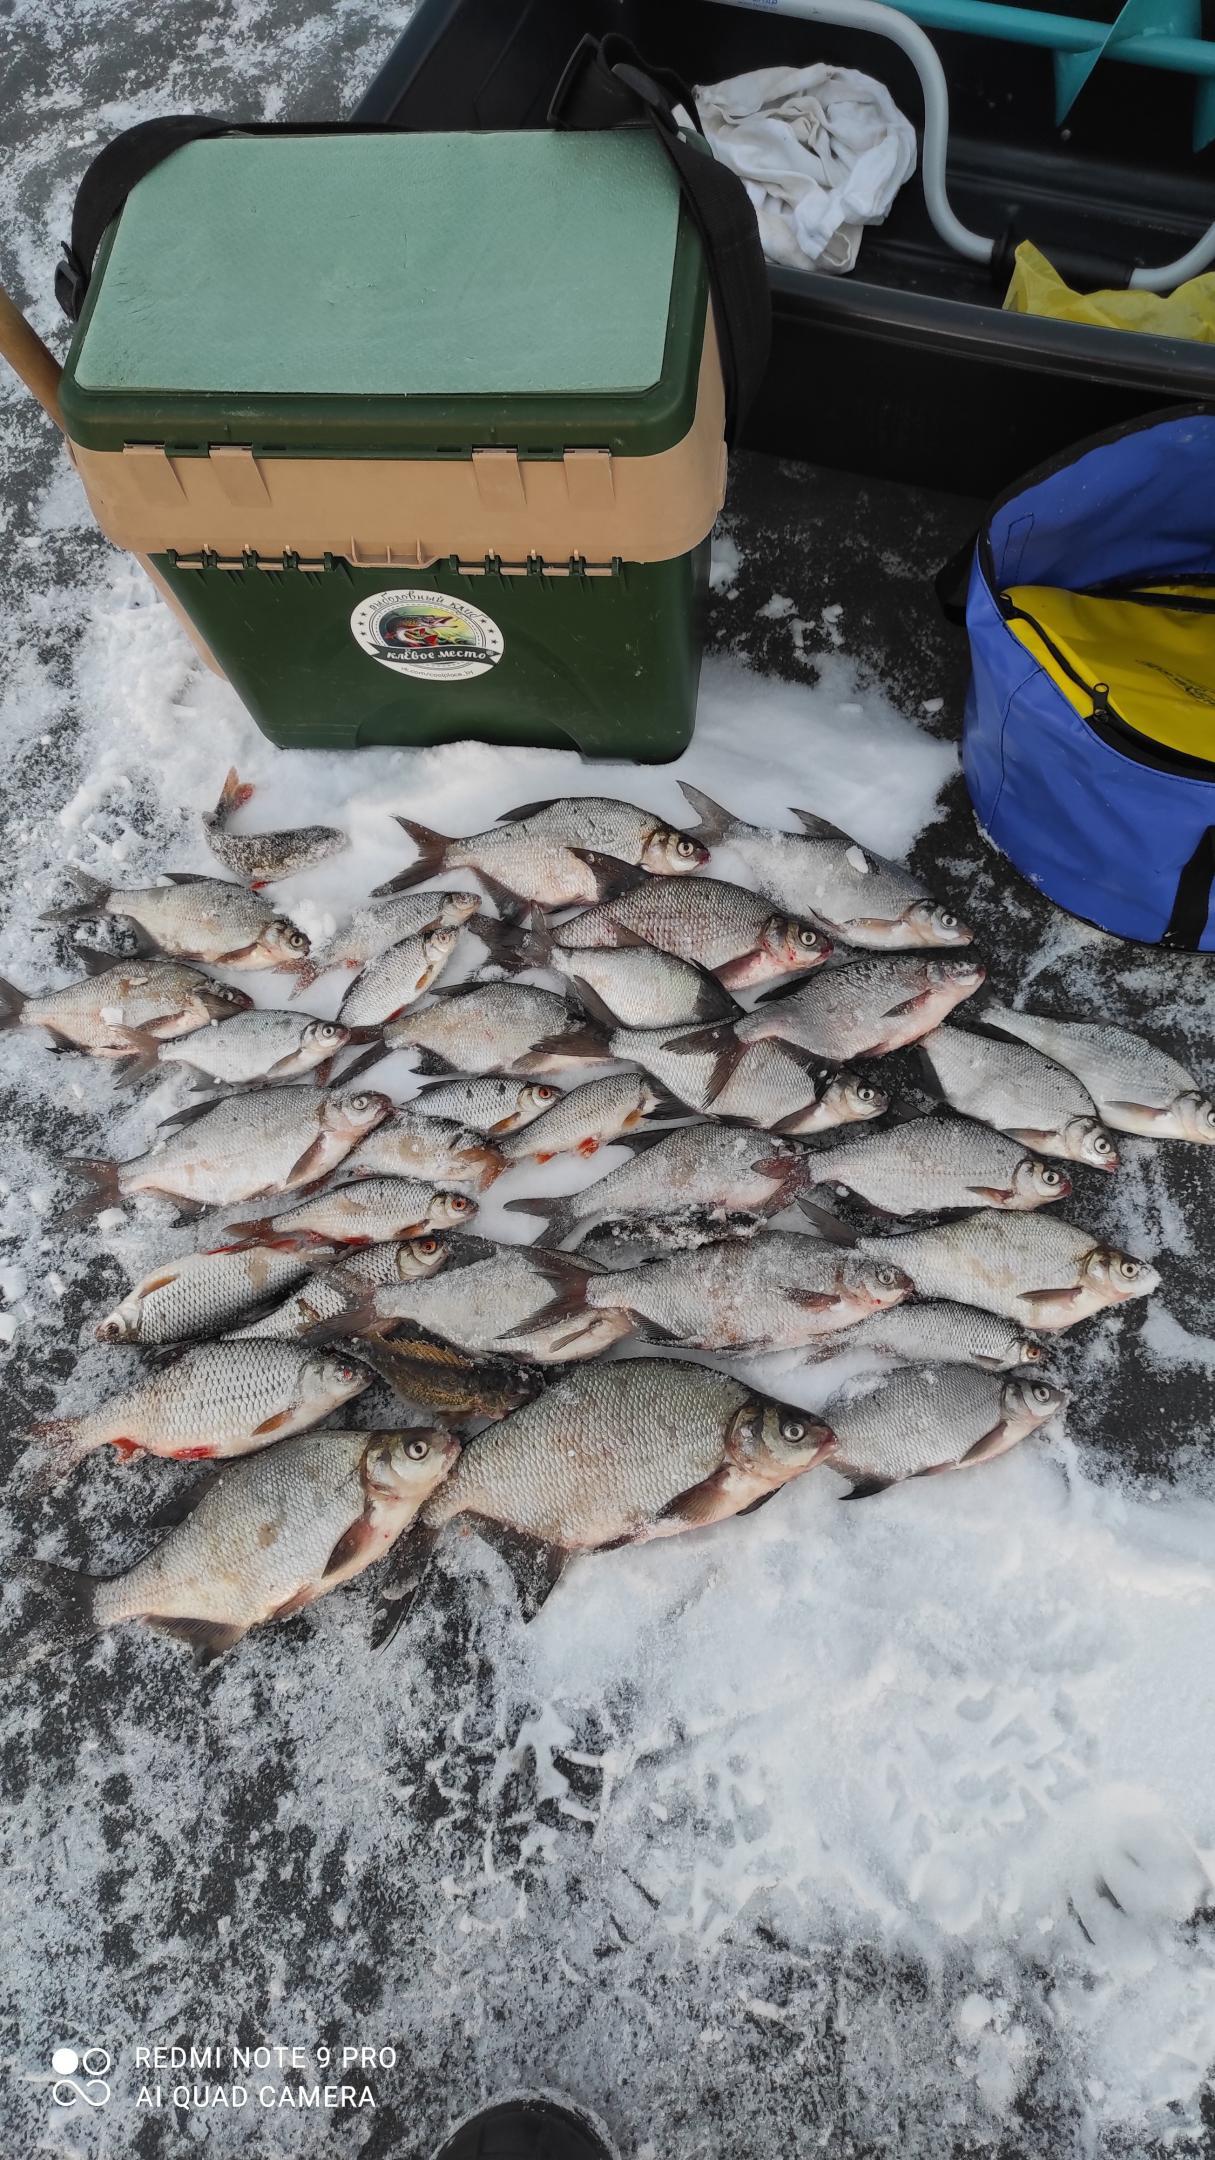 Вчера закрывал сезон в районе Рабуни.Выход на лёд ... | Отчеты о рыбалке в Беларуси